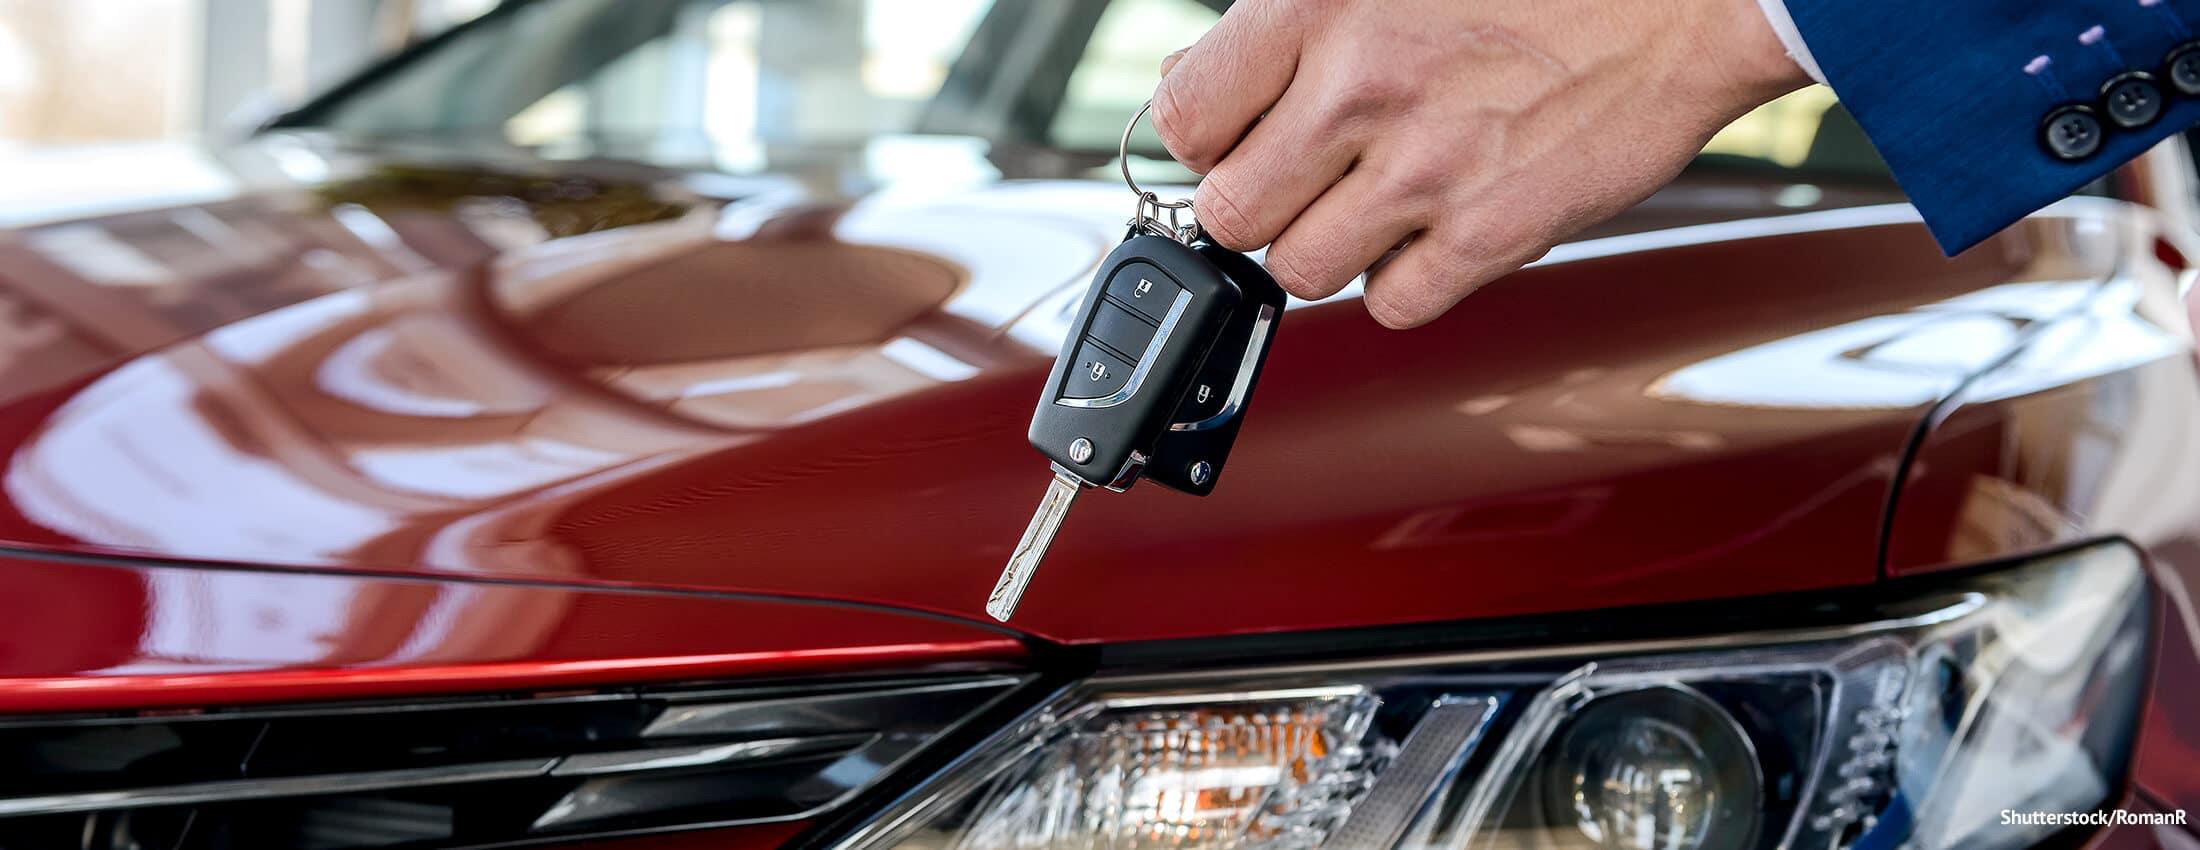 Headerbild_Auto_leasen_oder_kaufen_ATP